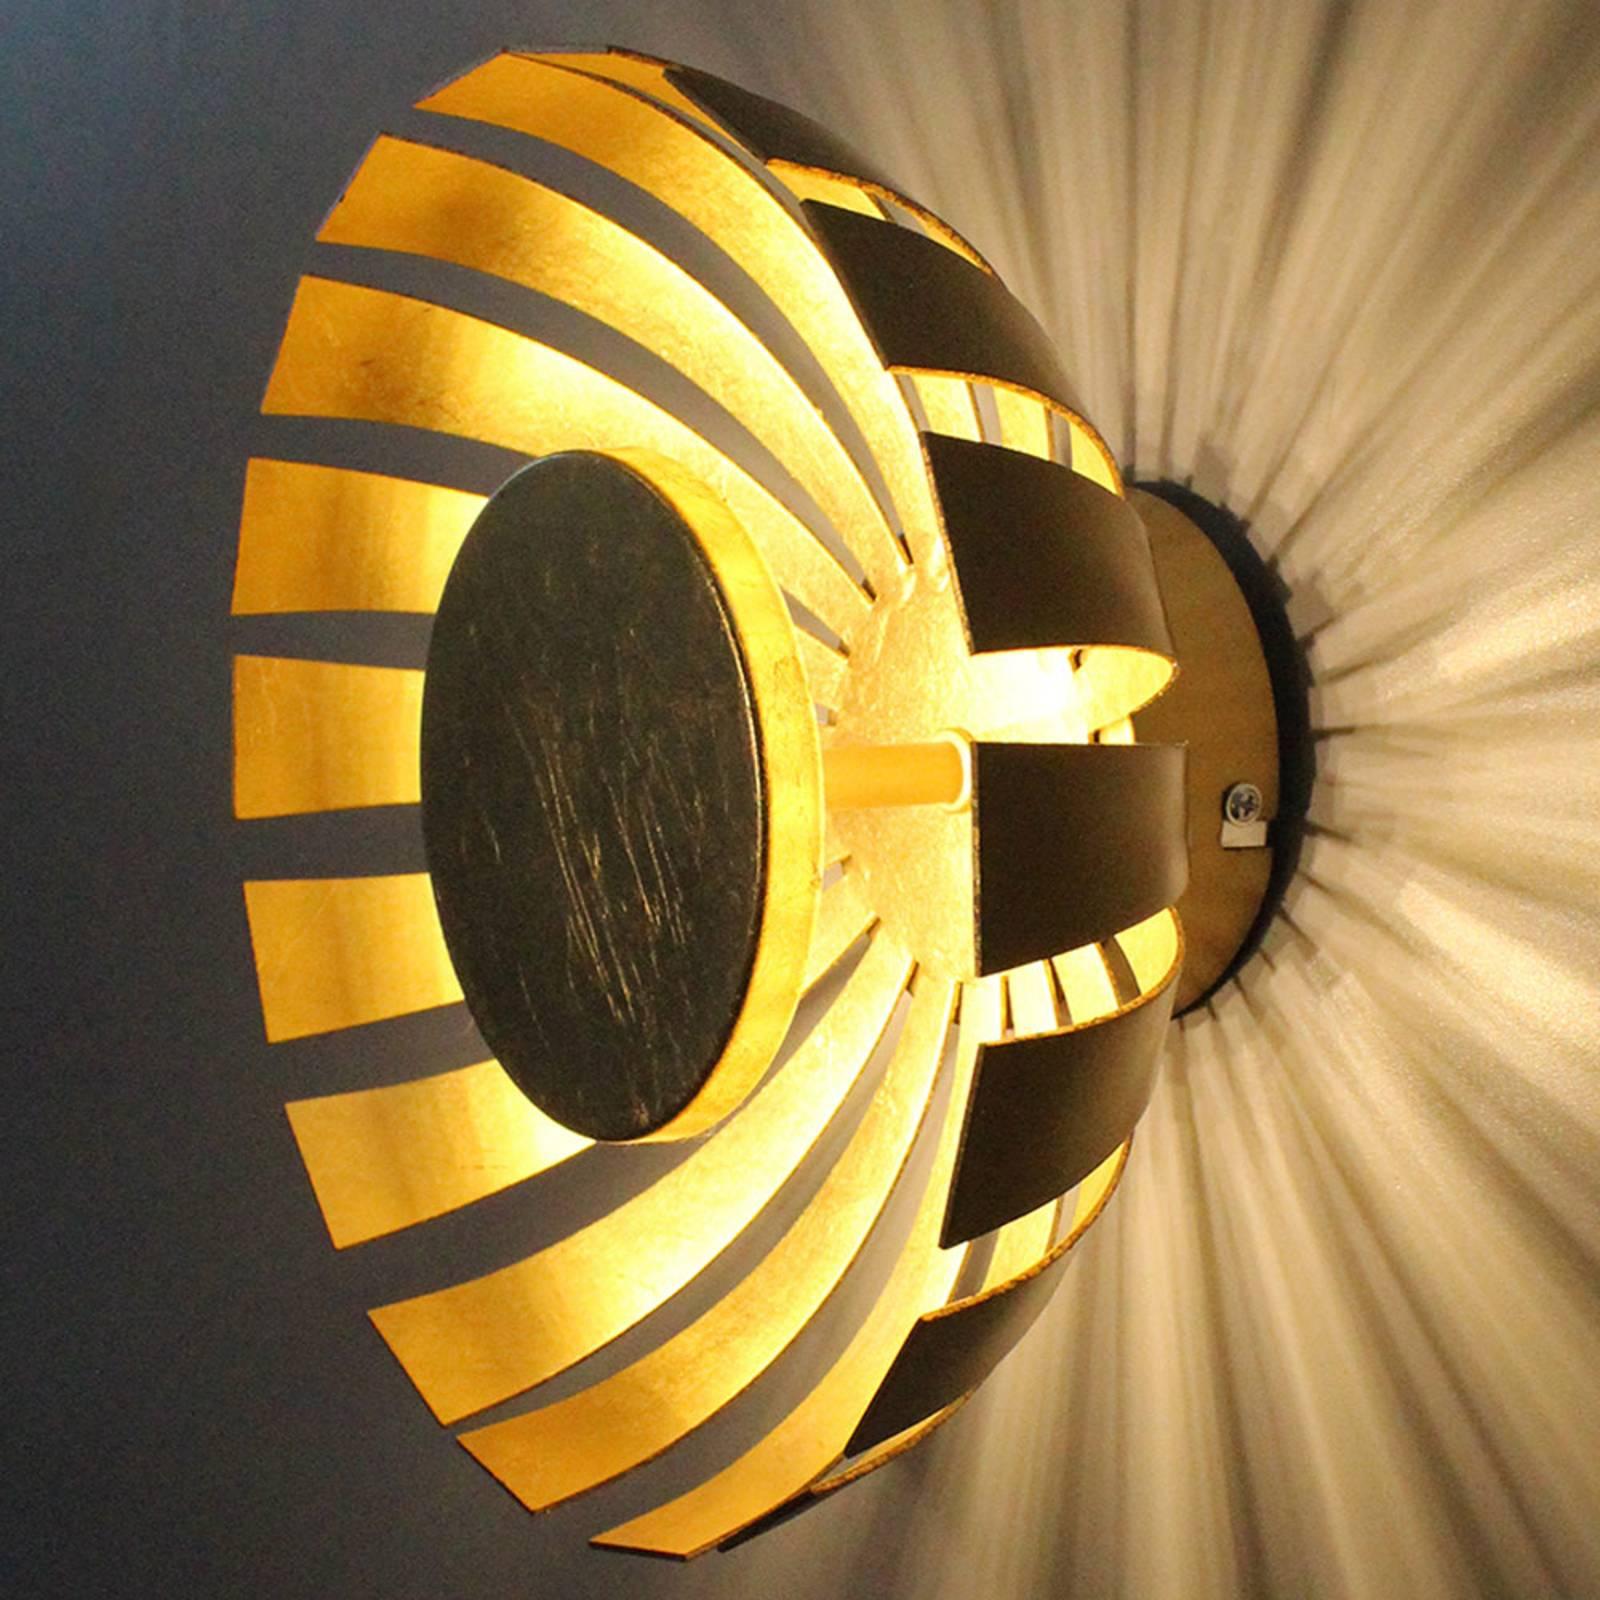 LED wandlamp Flare Large, goud